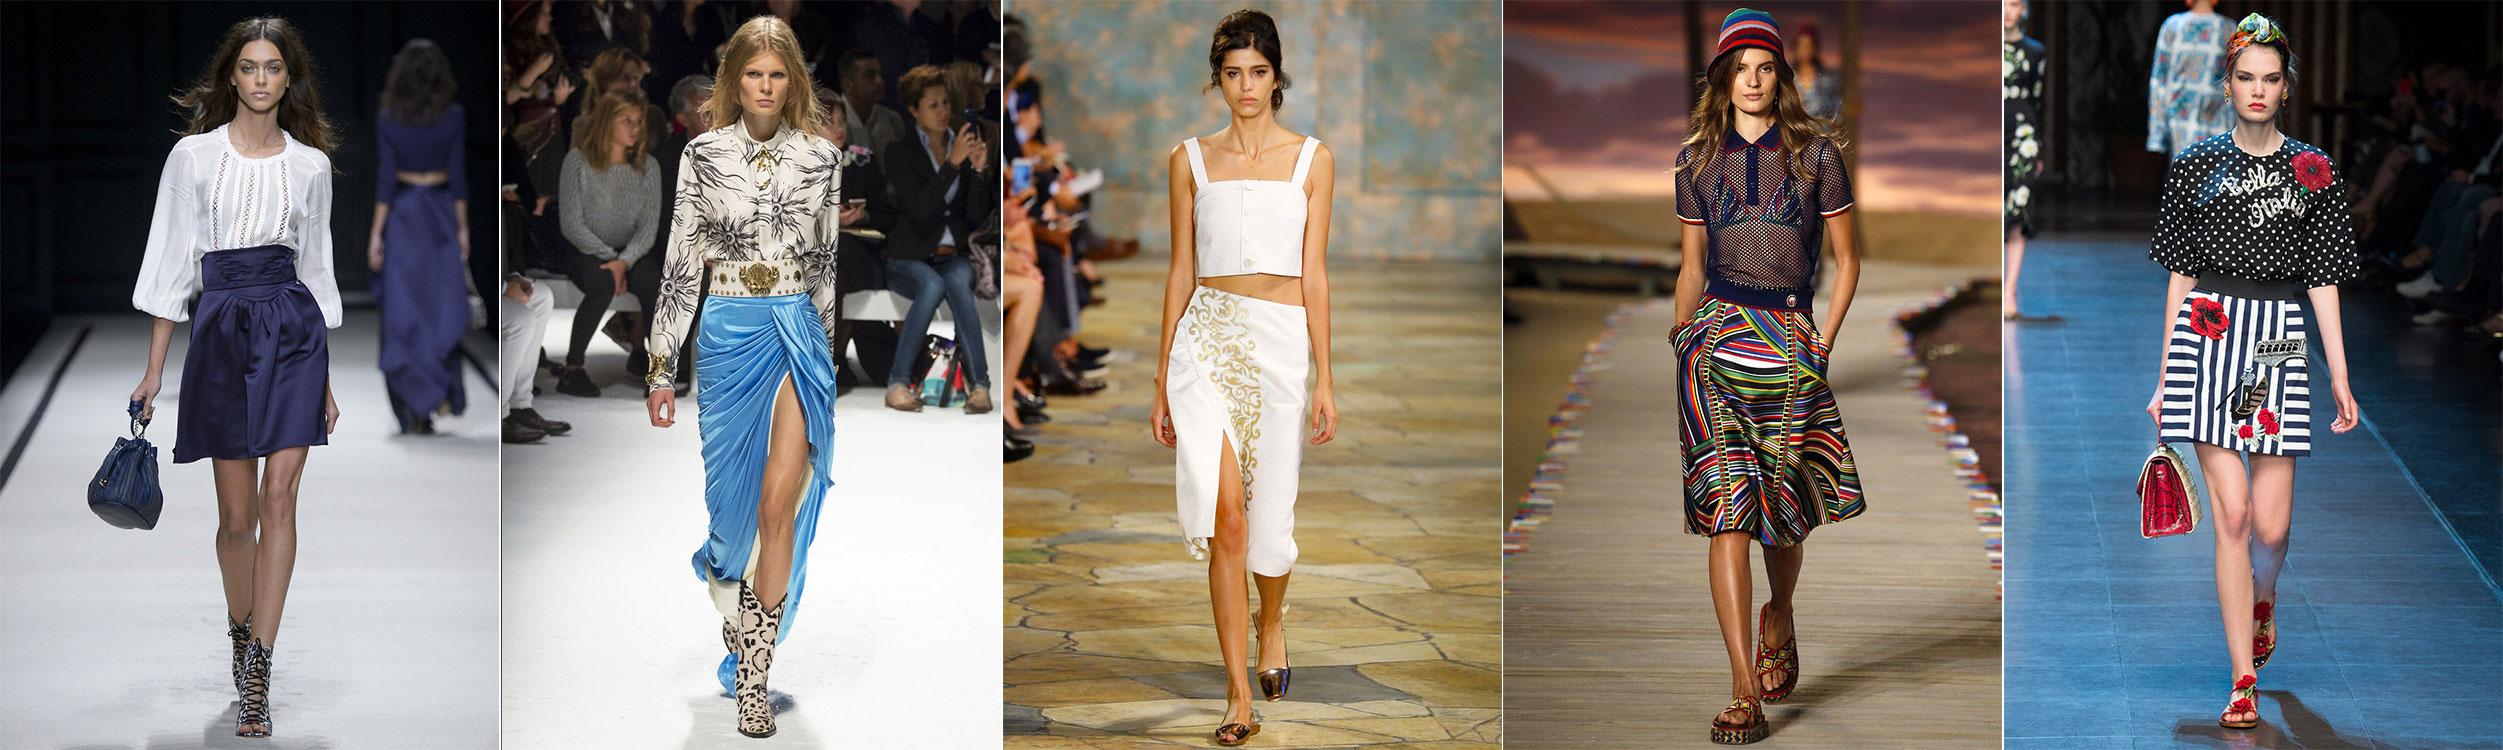 Какие юбки в моде в этом году